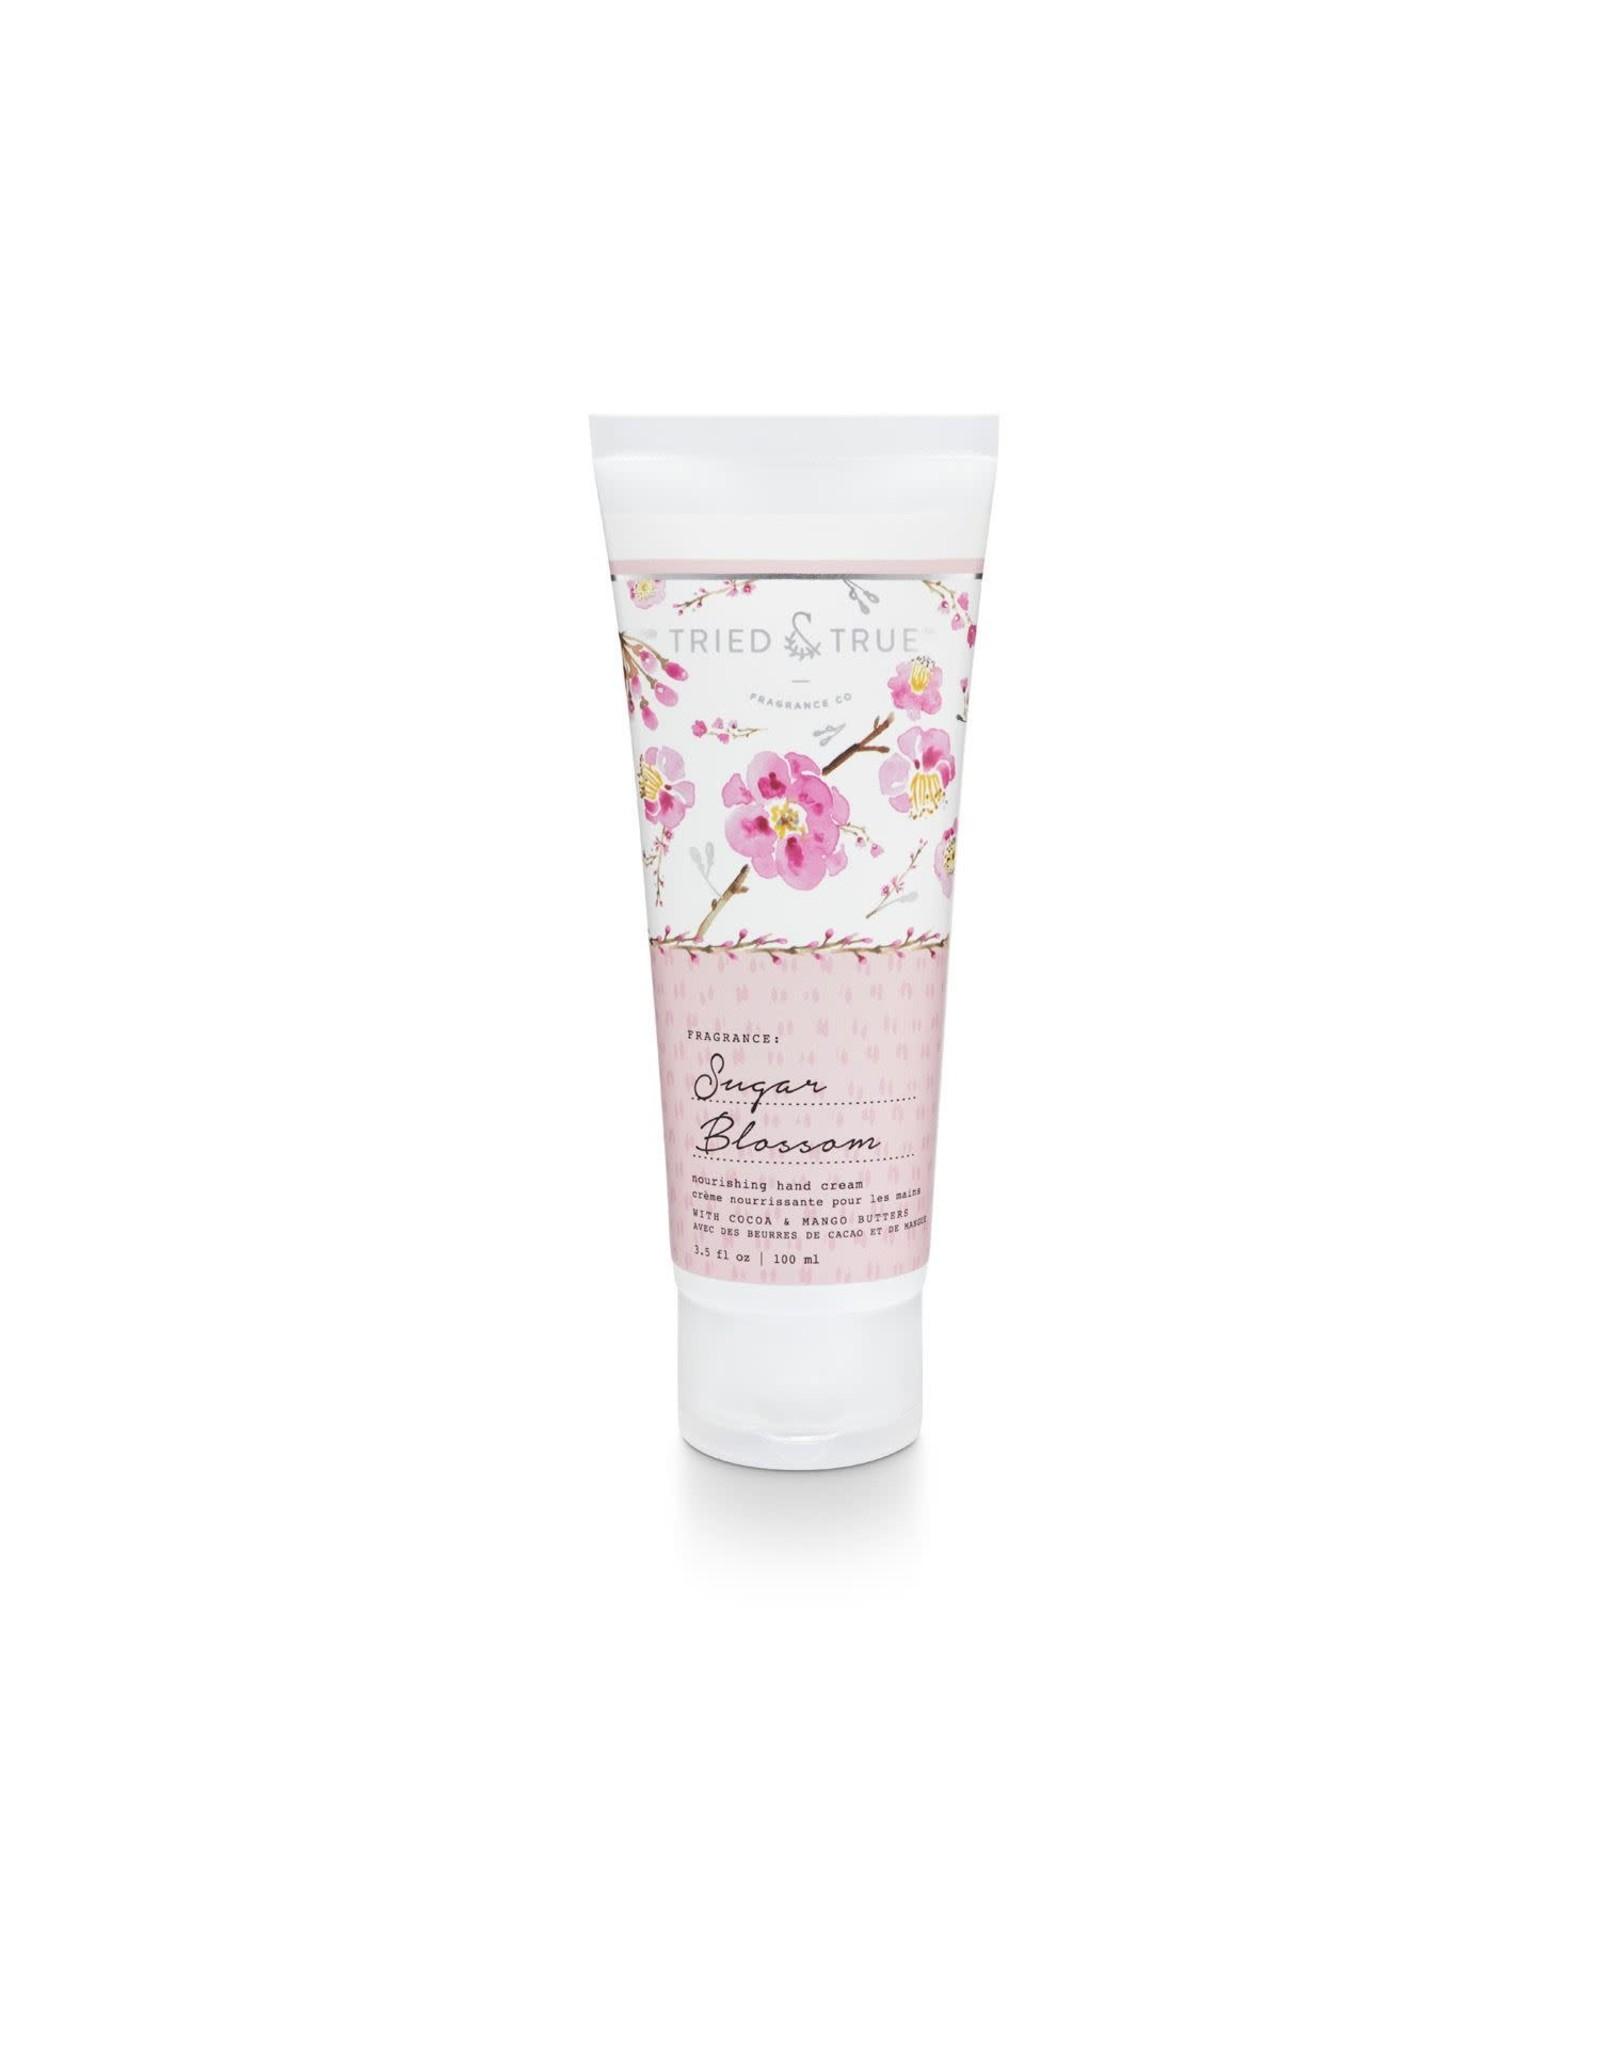 Tried & True 3.5 oz. Hand Cream - Sugar Blossom